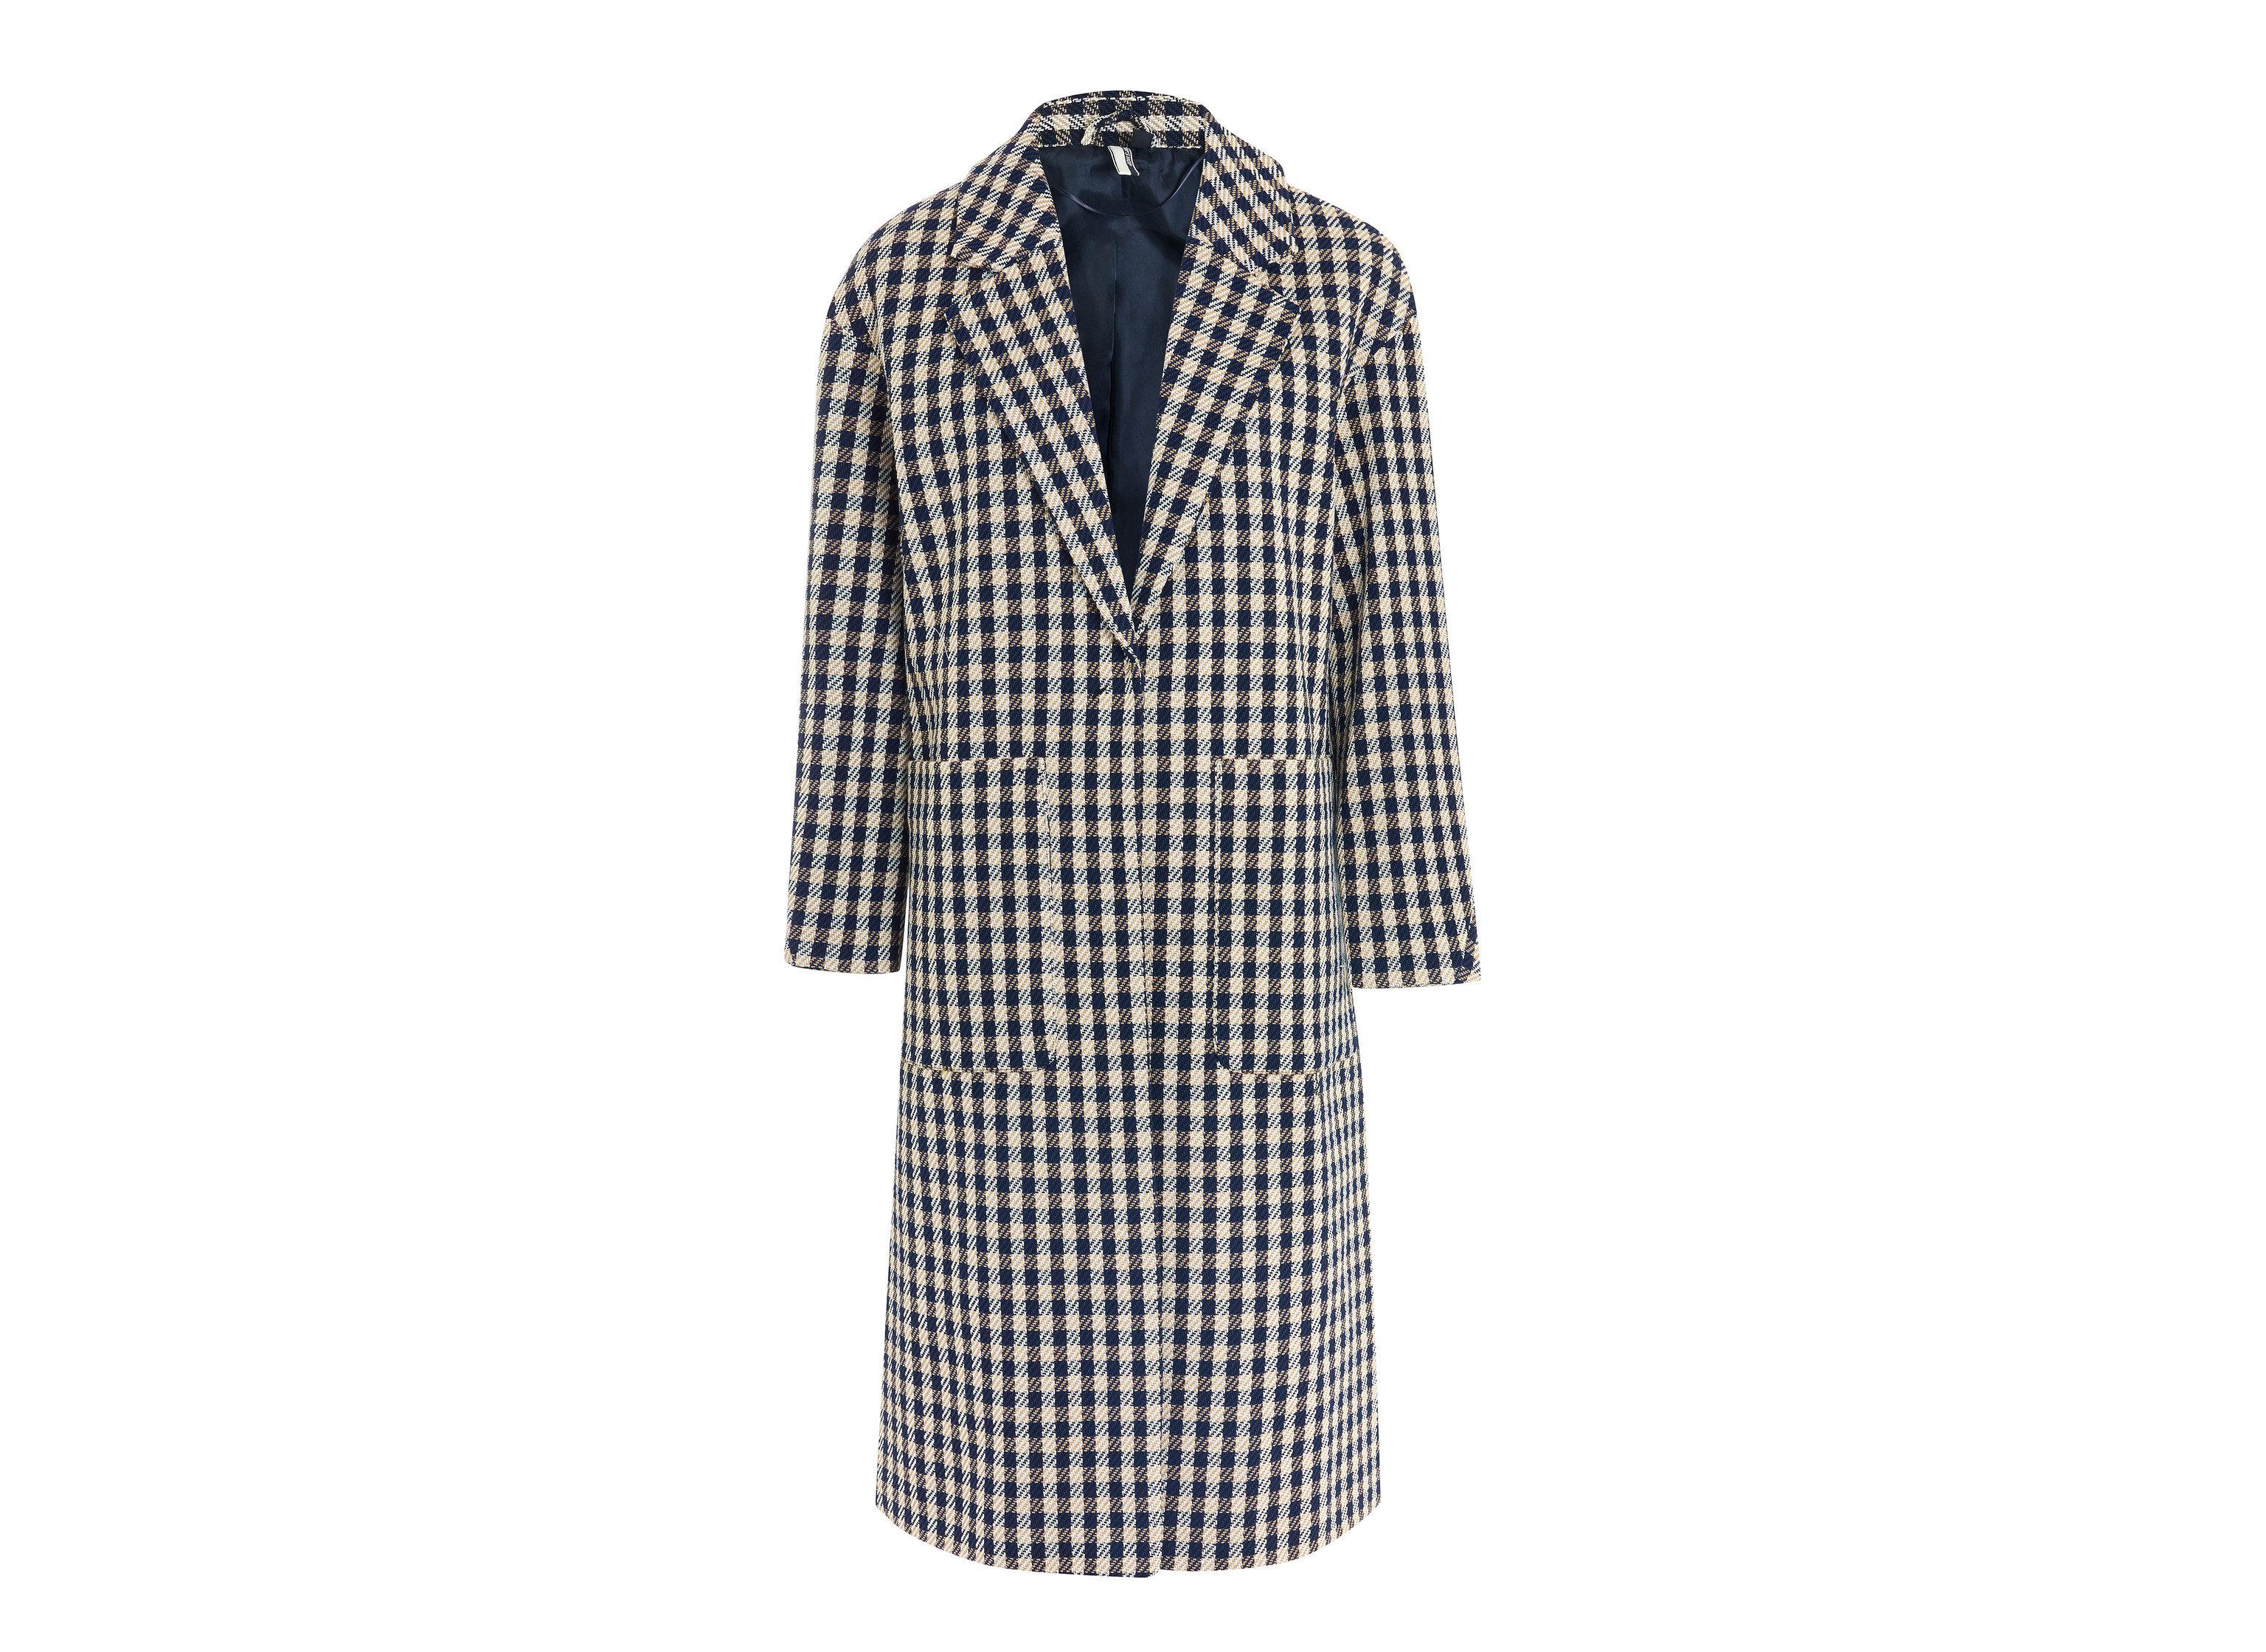 Travel Shop clothing day dress coat outerwear plaid dress pattern tartan sleeve robe nightwear overcoat